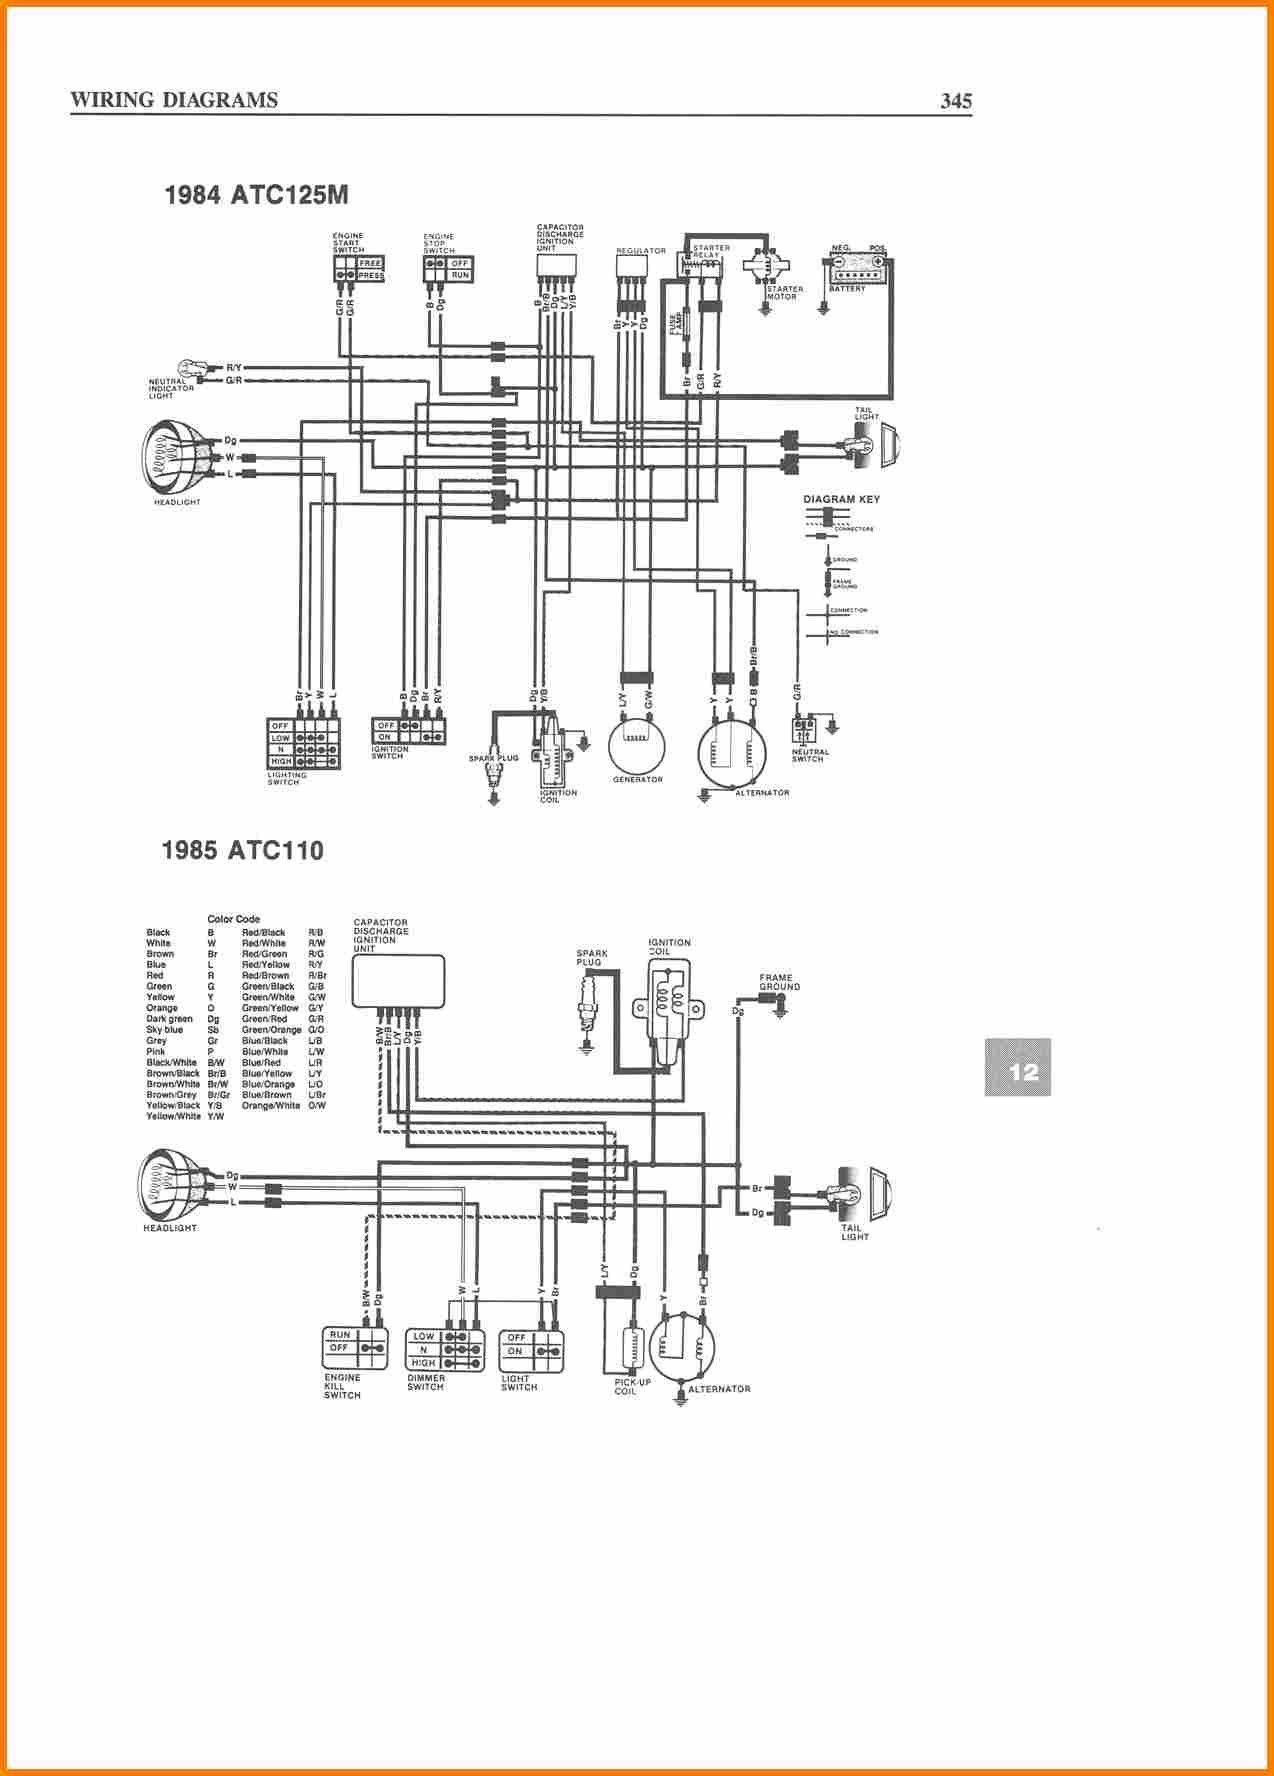 c12ed12f0c1948ec5e9c f06e